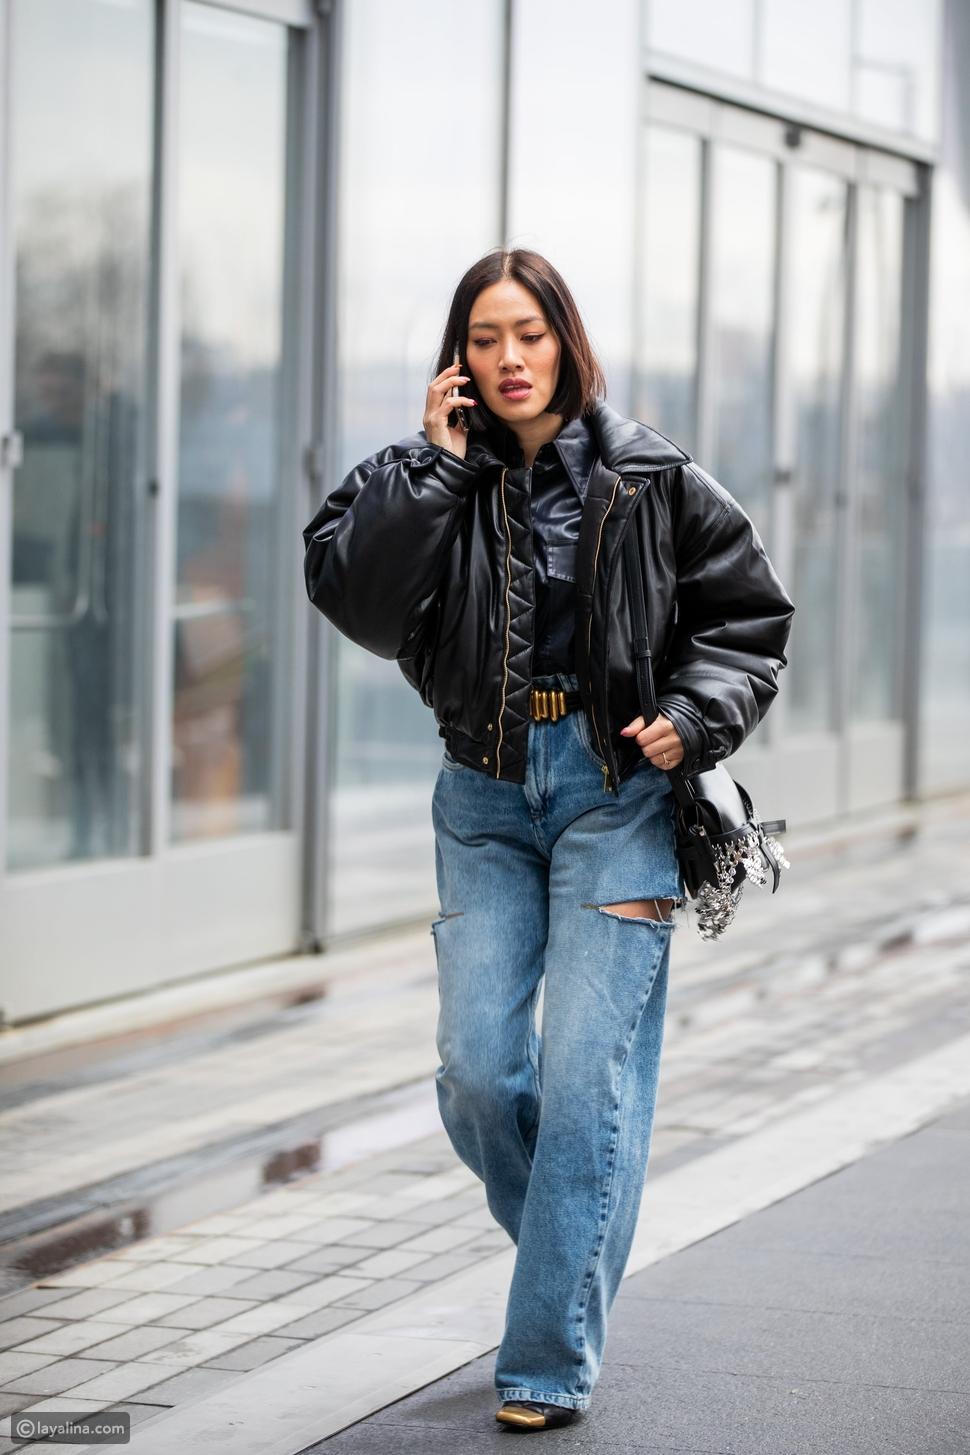 ارتديالجينز الواسع بنمطSkater Jeans بدلاً الفضفاض Pleated Jeans